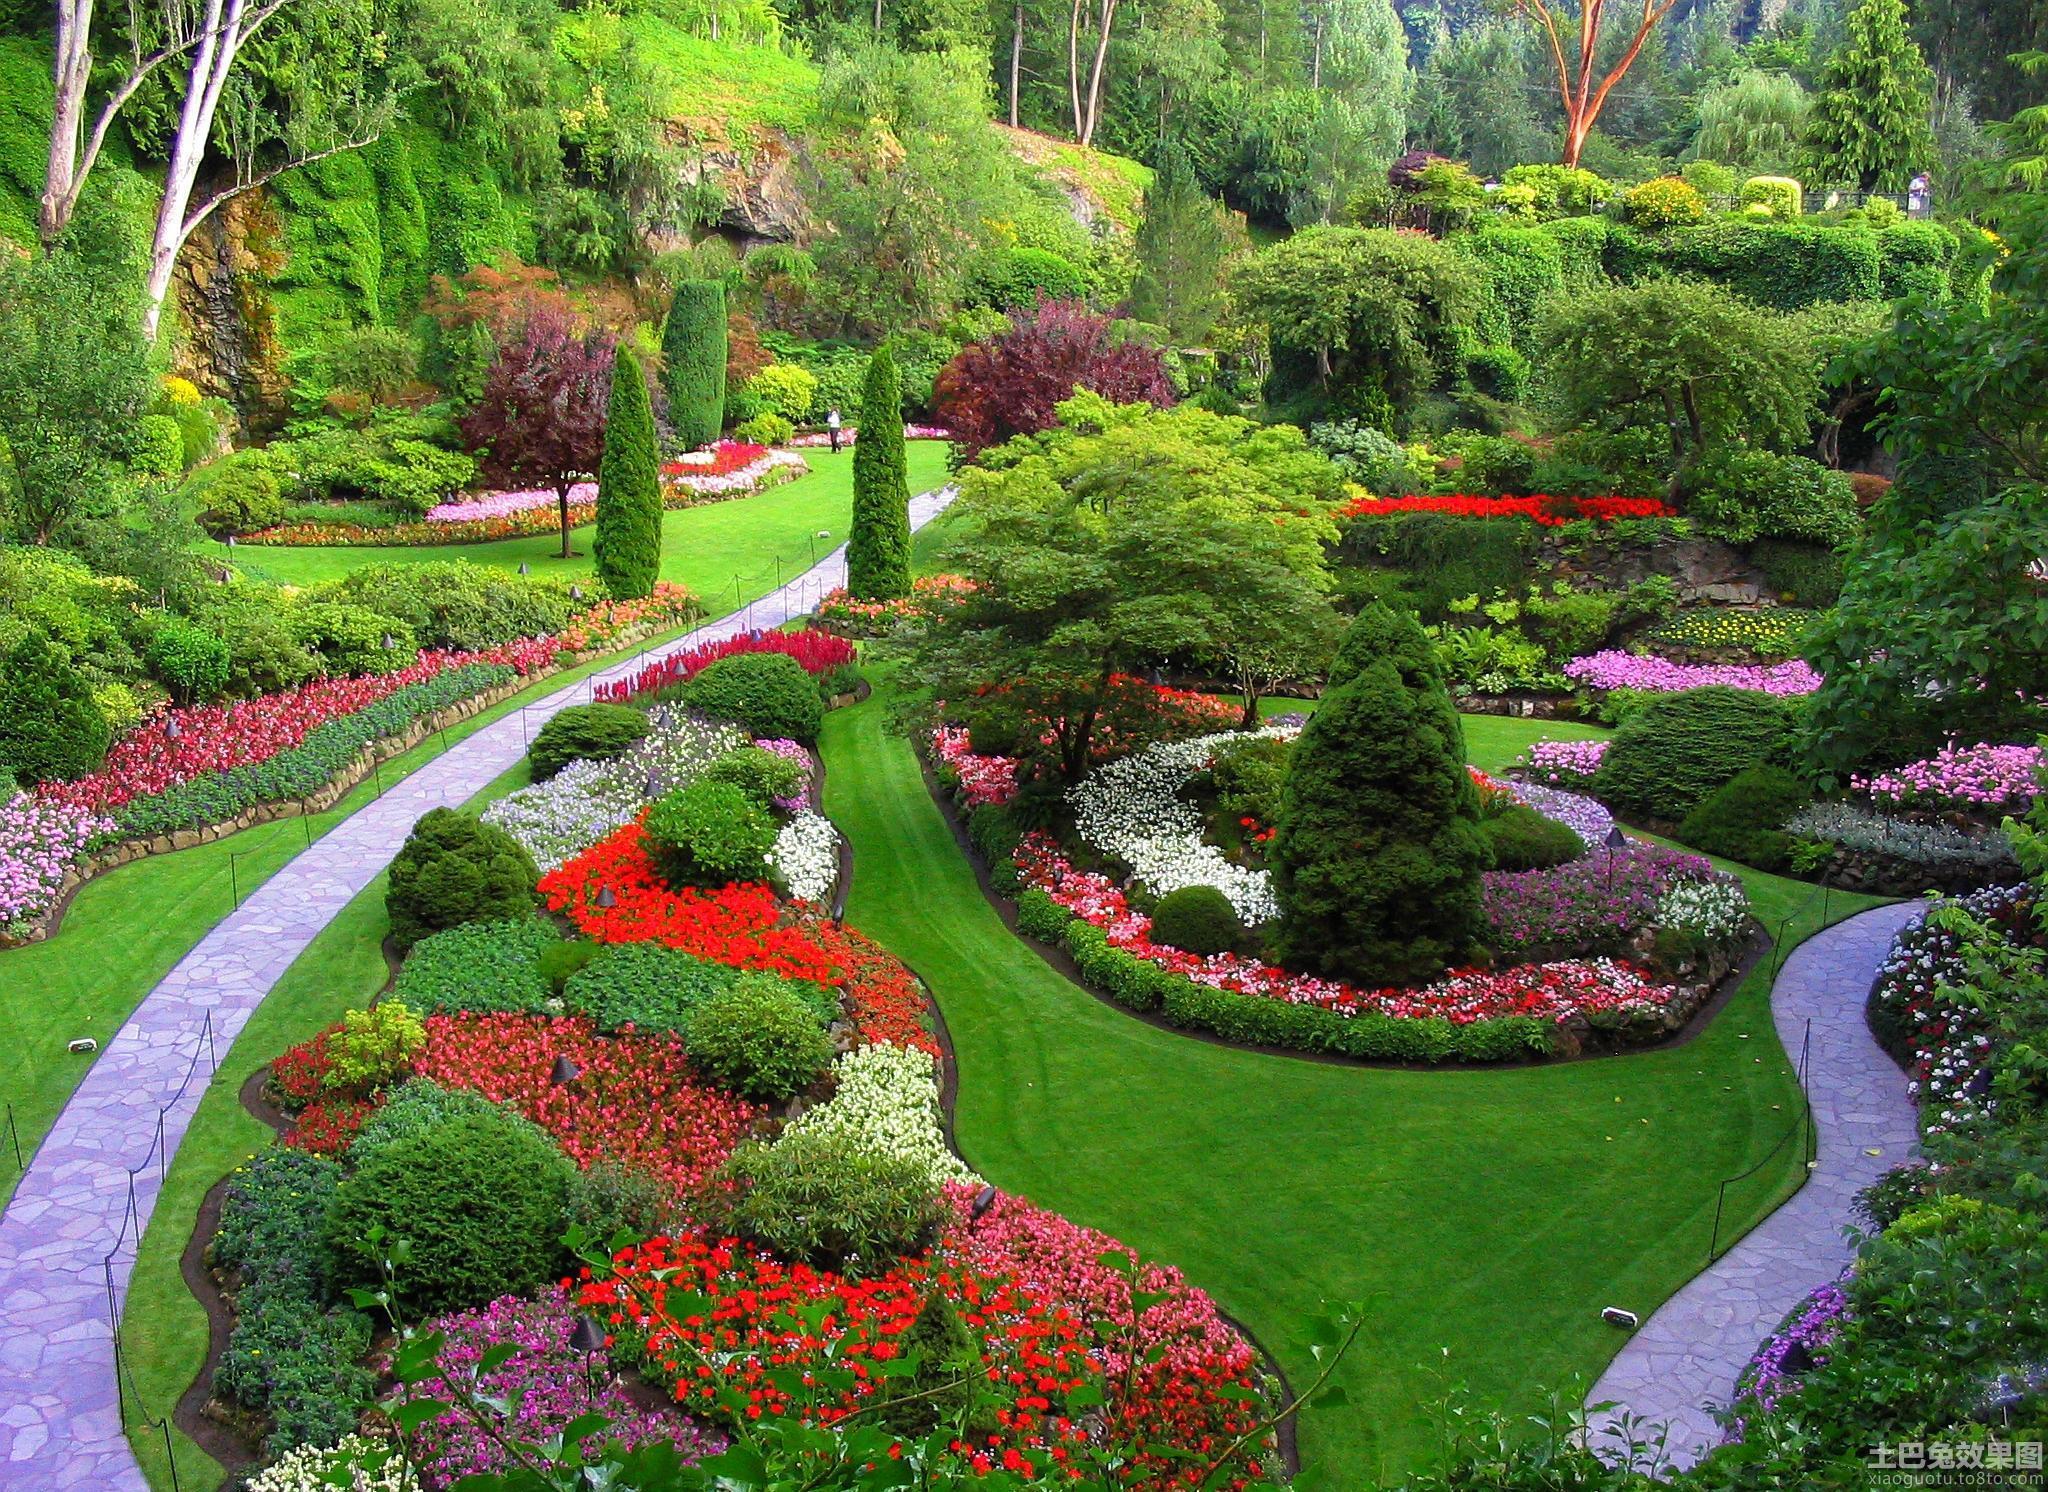 私人别墅花园设计效果图装修效果图 第6张 家居图库 九正家居网